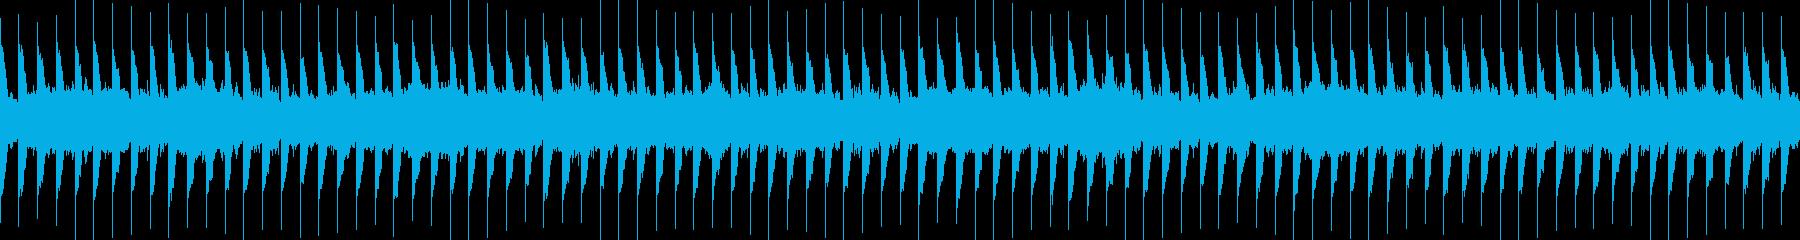 盛り上がり EDM パリピ ホストの再生済みの波形